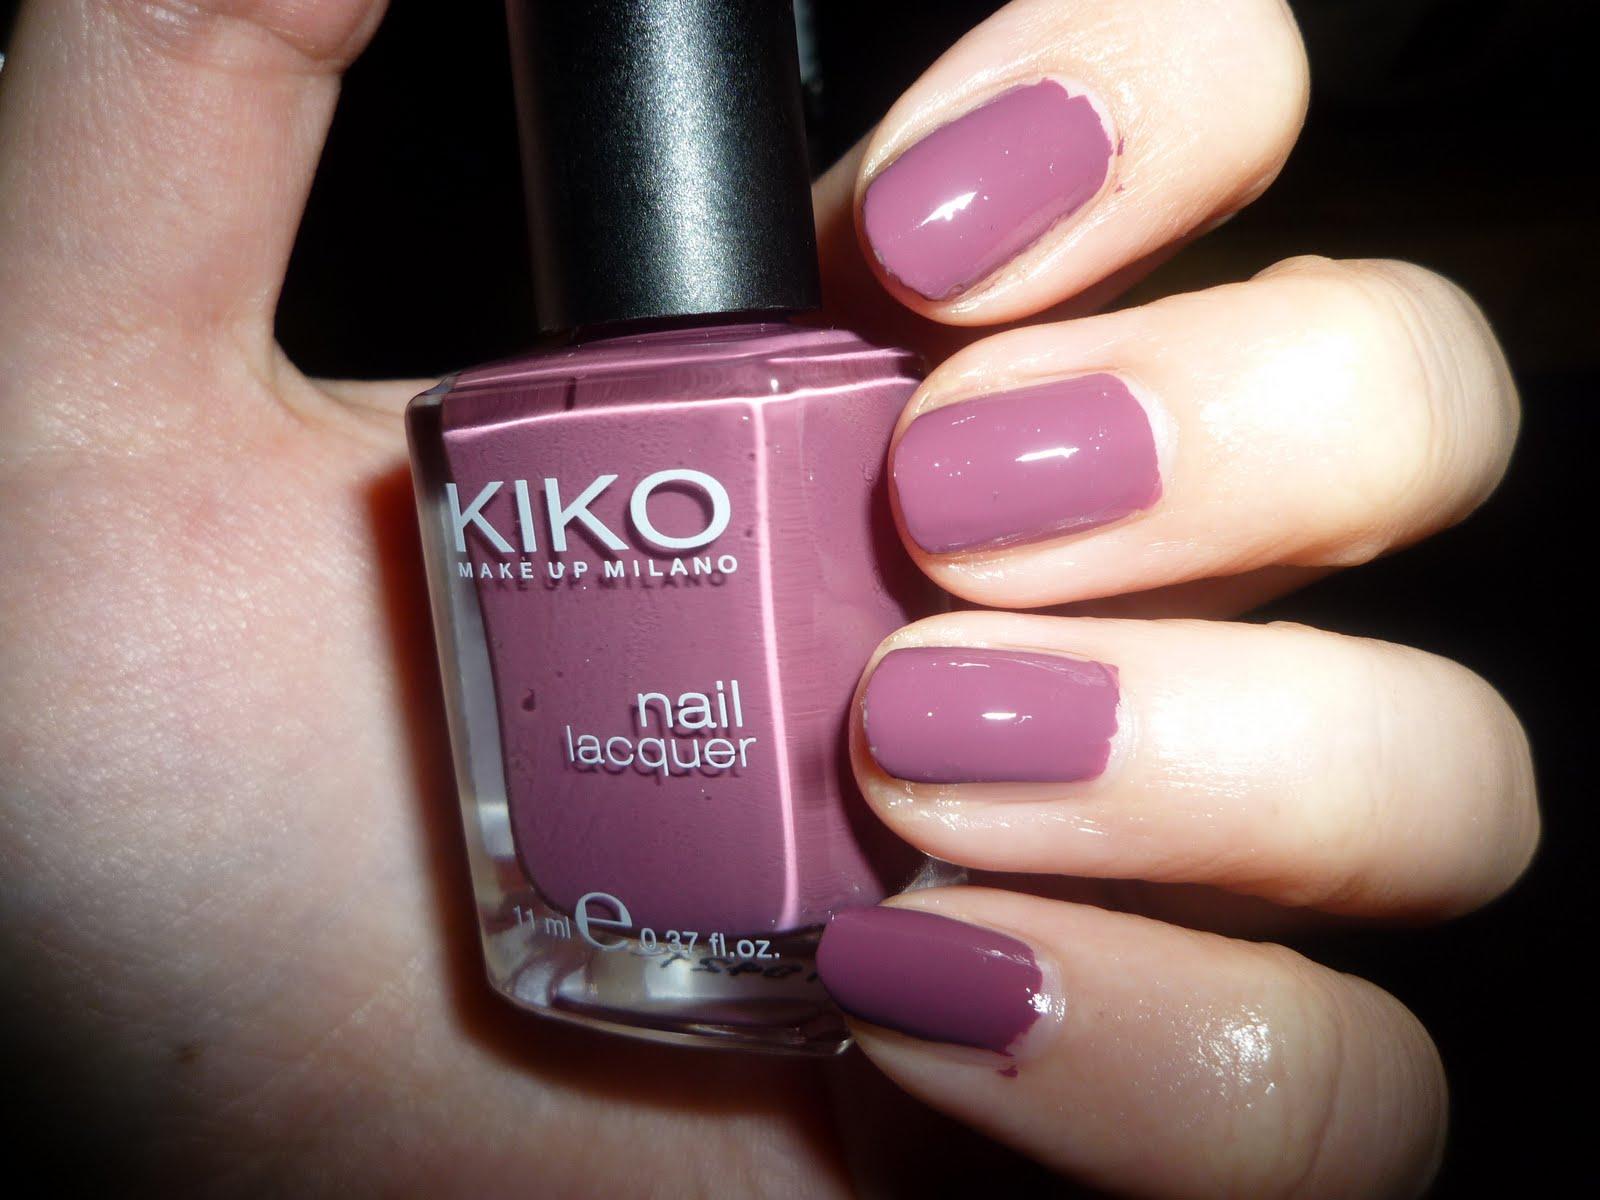 Preferenza La Fata Trucchina: Prova su strada: smalto 317 rosa antico di Kiko UD98